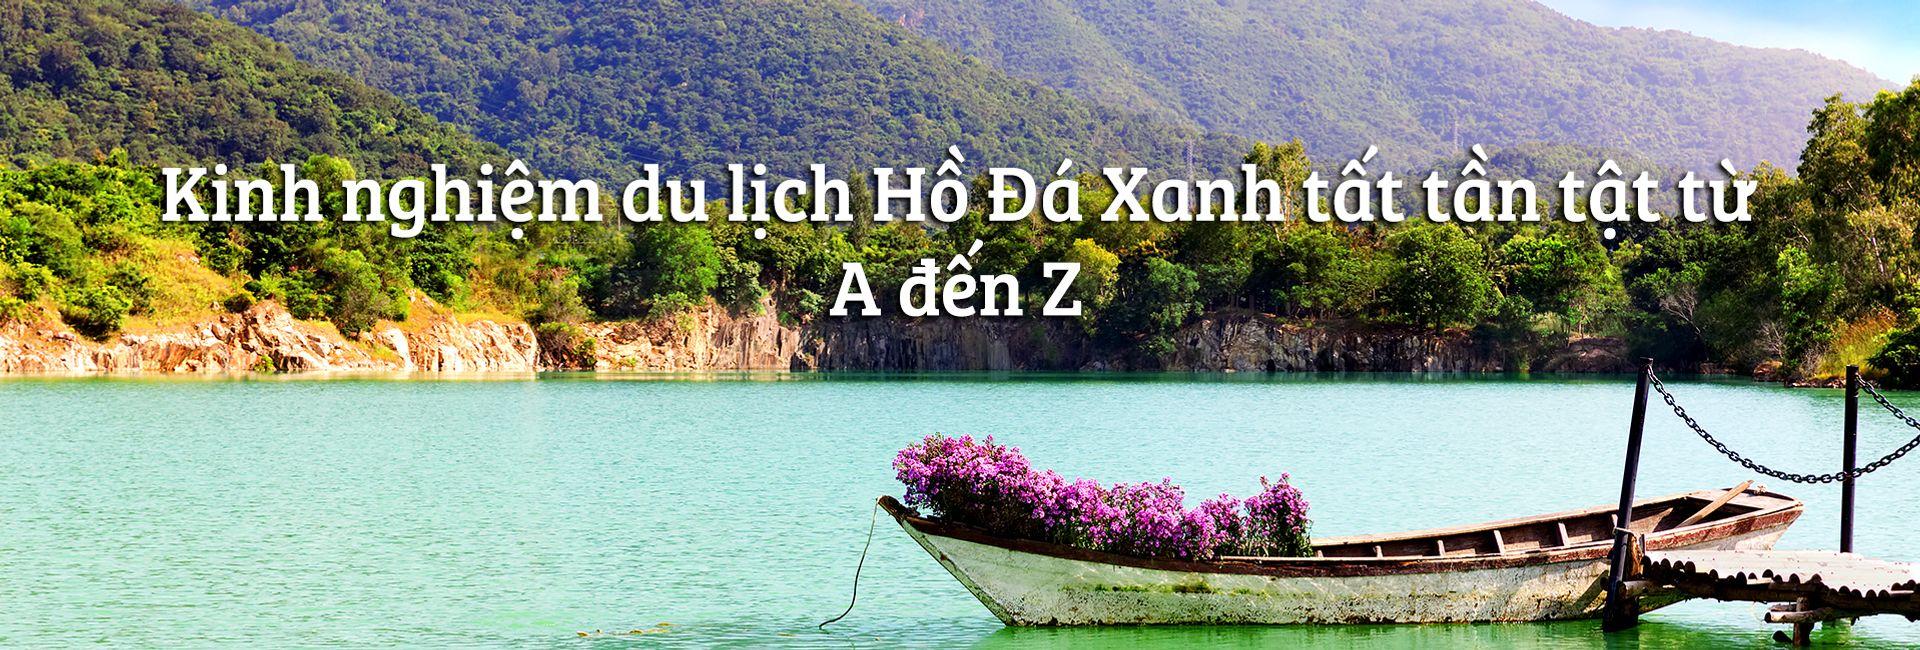 Kinh nghiệm du lịch Hồ Đá Xanh tất tần tật từ A đến Z